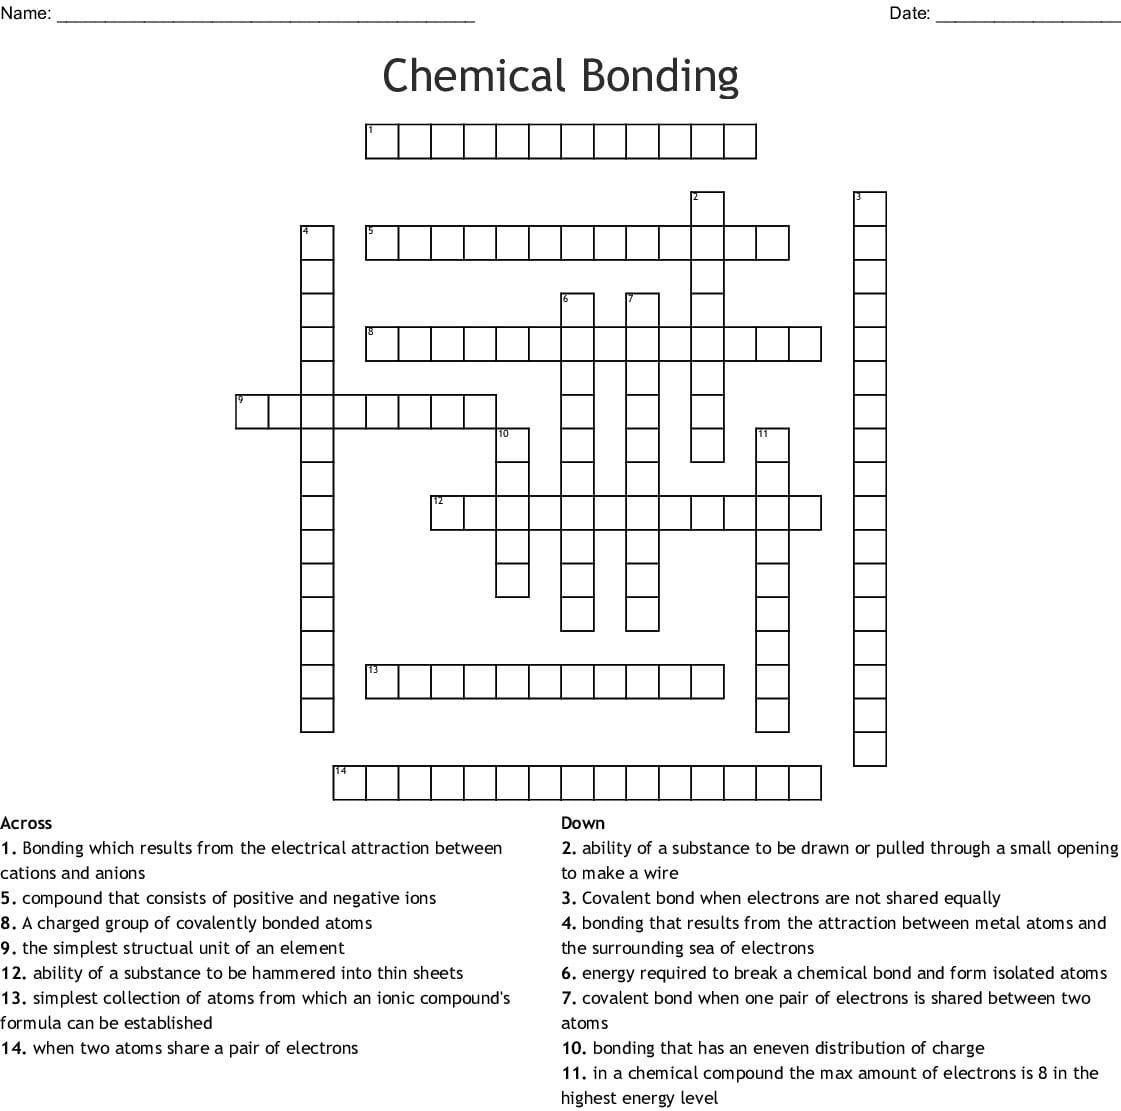 Chemical Bonding Worksheet